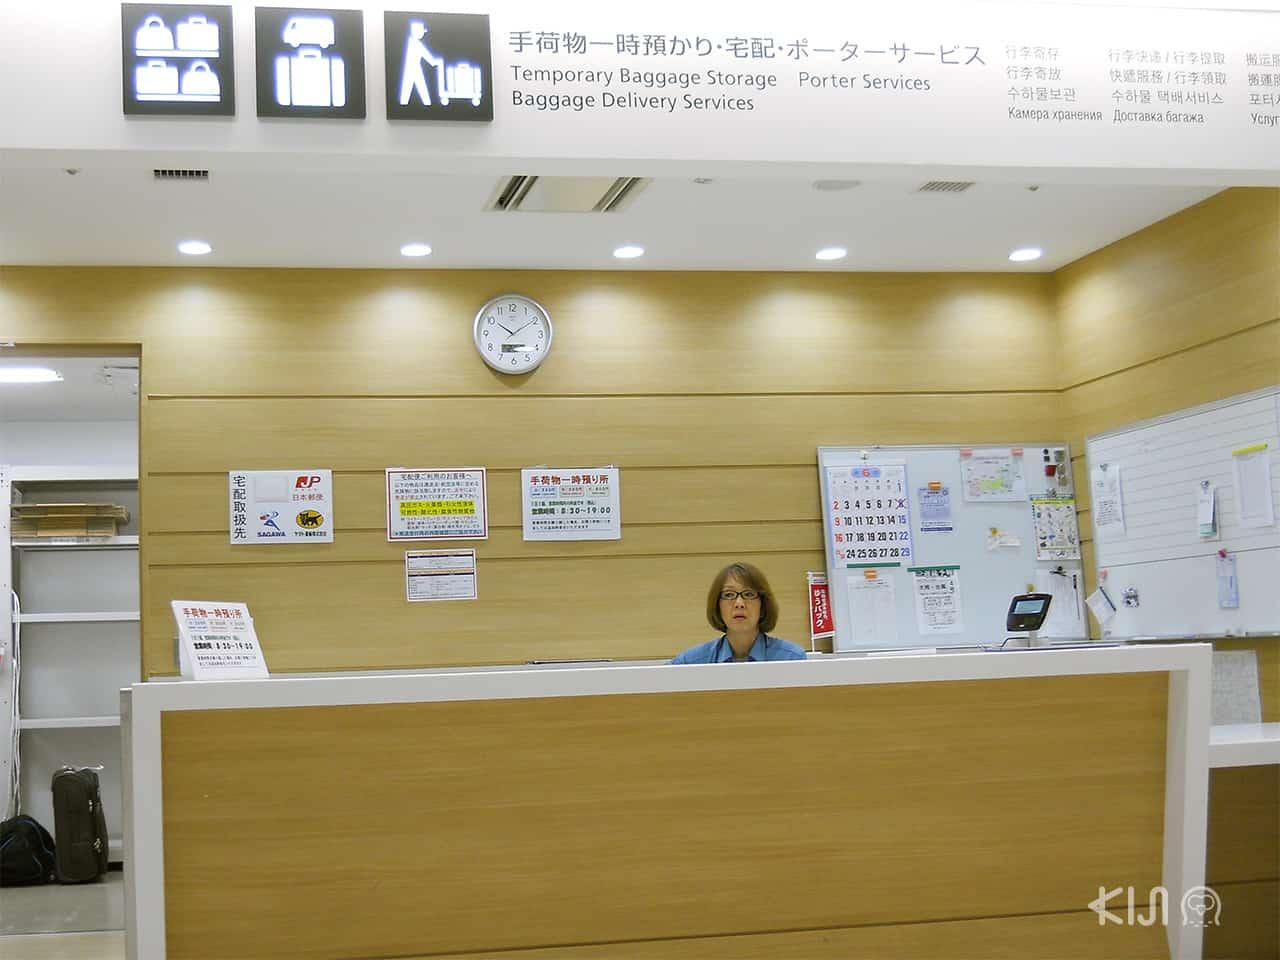 7 เรื่องที่ทำในญี่ปุ่นได้ง่าย : บริการรับส่งสัมภาระในญี่ปุ่น